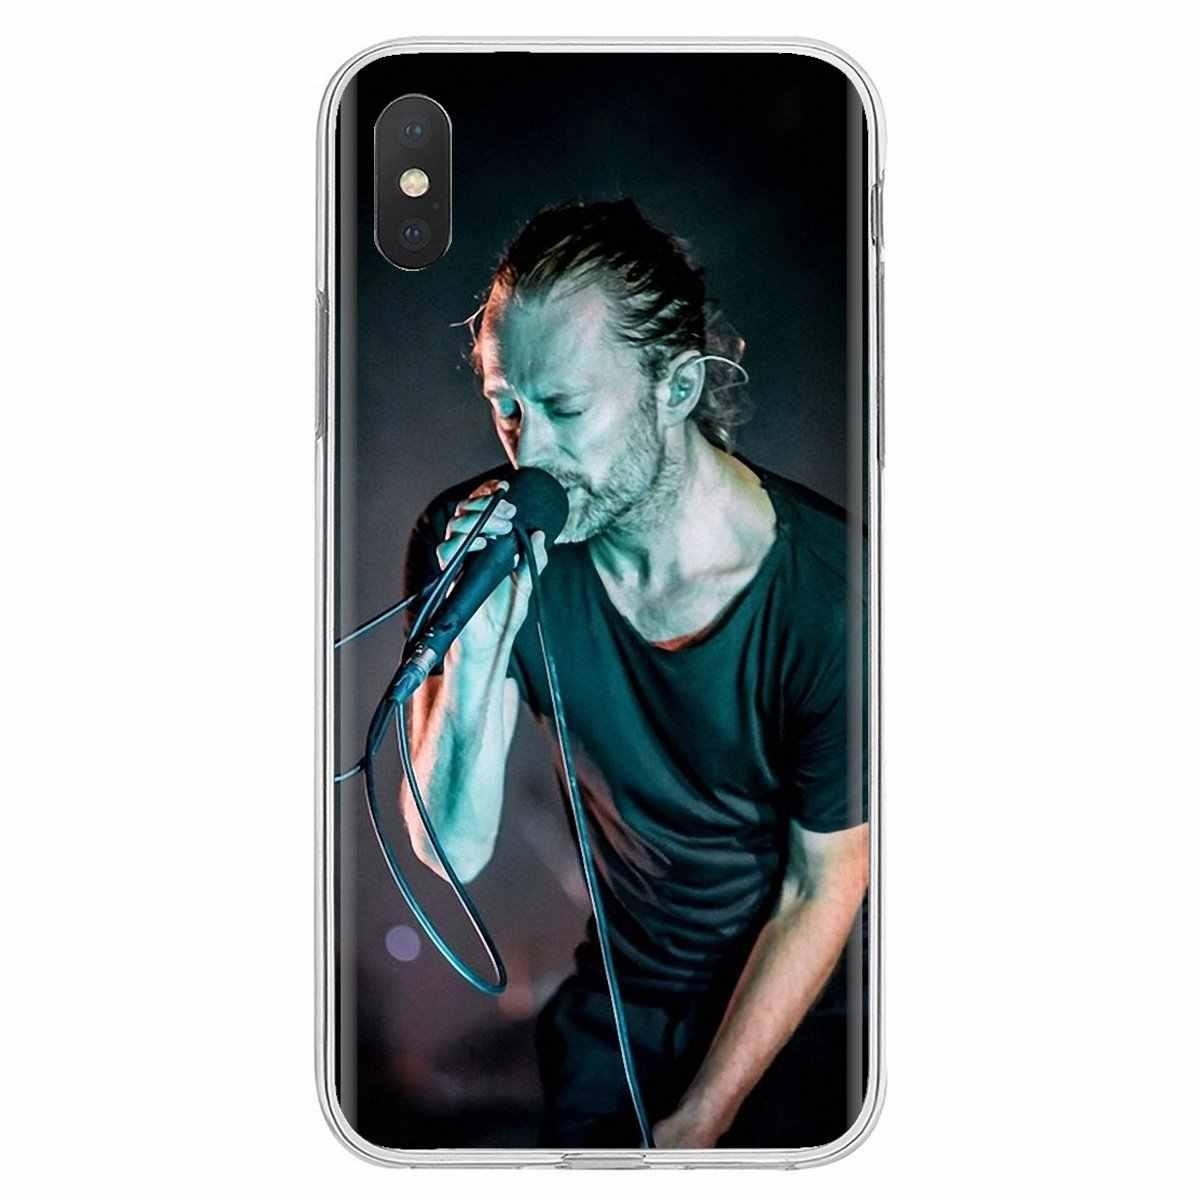 Radiohead Kid Một Thomas Edward Yorke Dành Cho Samsung Galaxy Samsung Galaxy A3 A5 A7 A9 A8 Ngôi Sao Lite A6 Plus 2018 2015 2016 2017 Mềm TPU Bao Bọc Điện Thoại